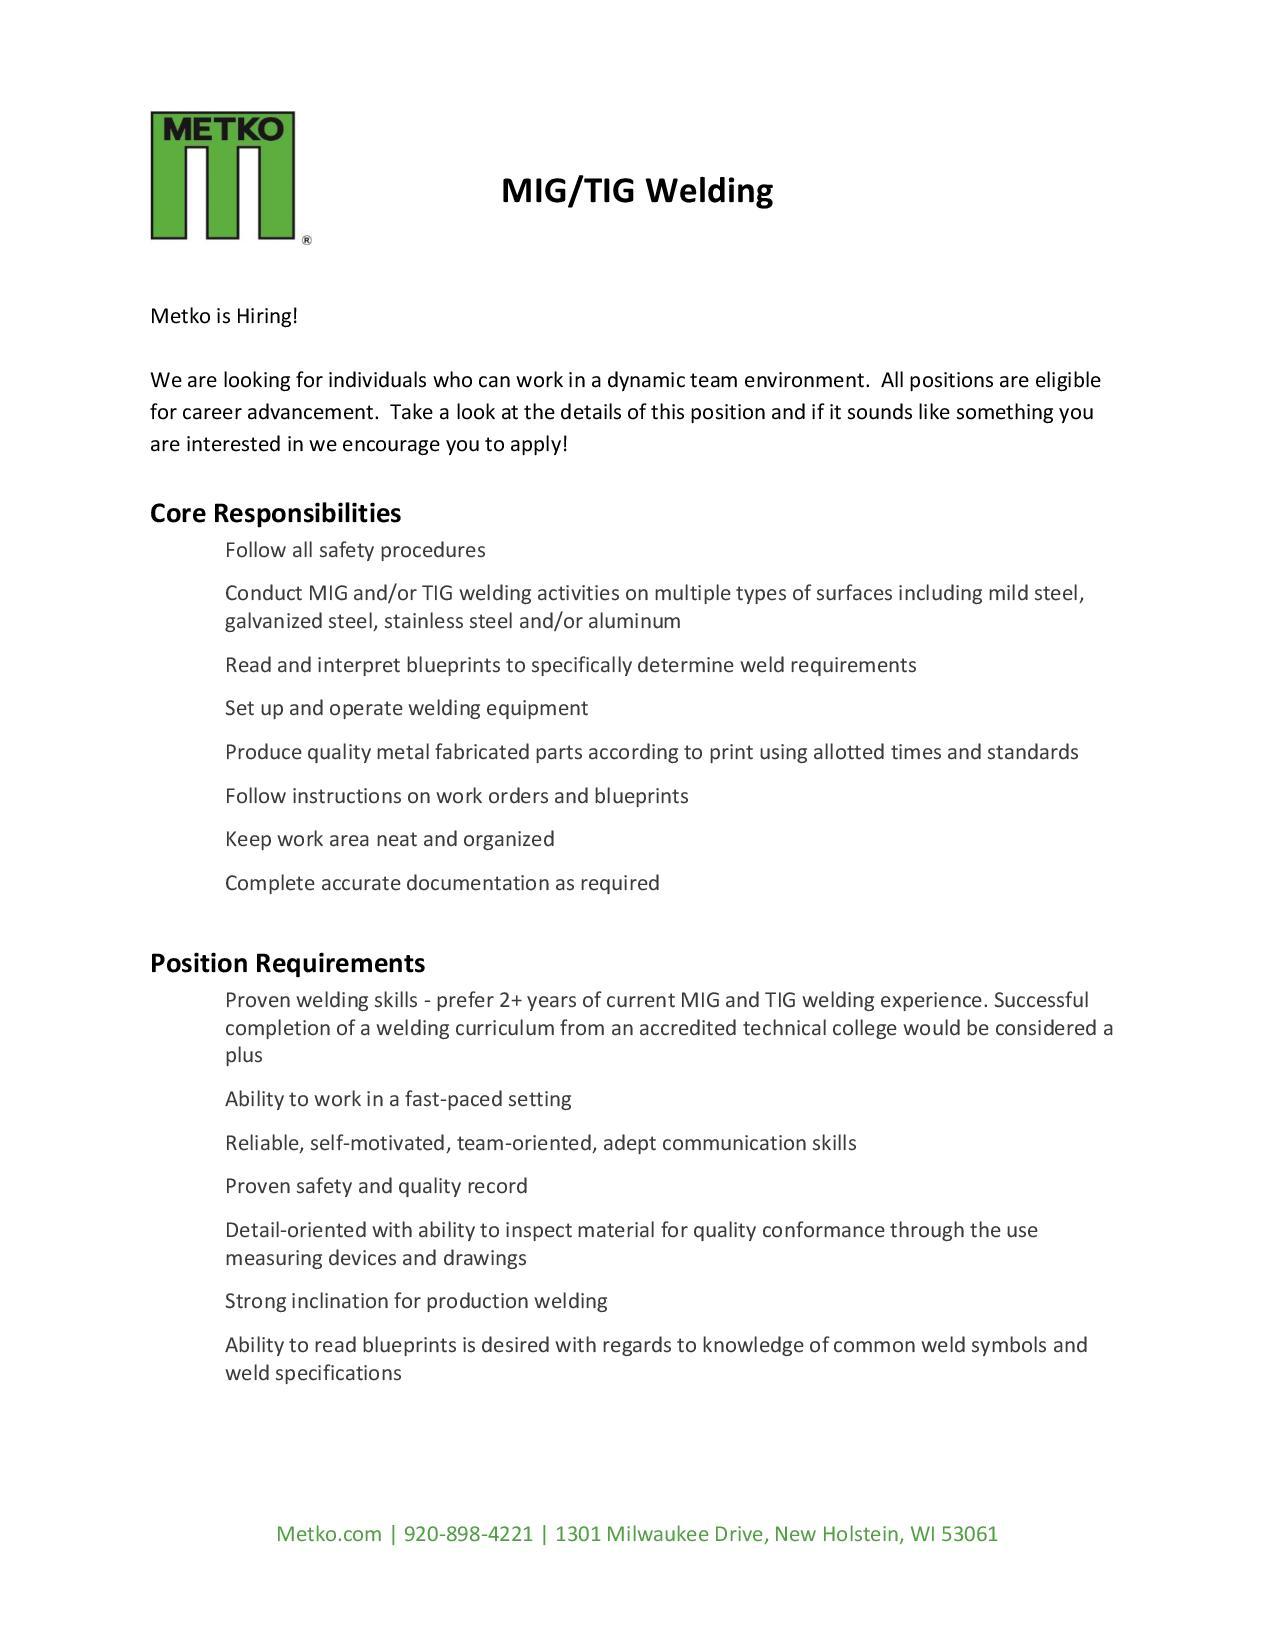 Hiring Welders job description